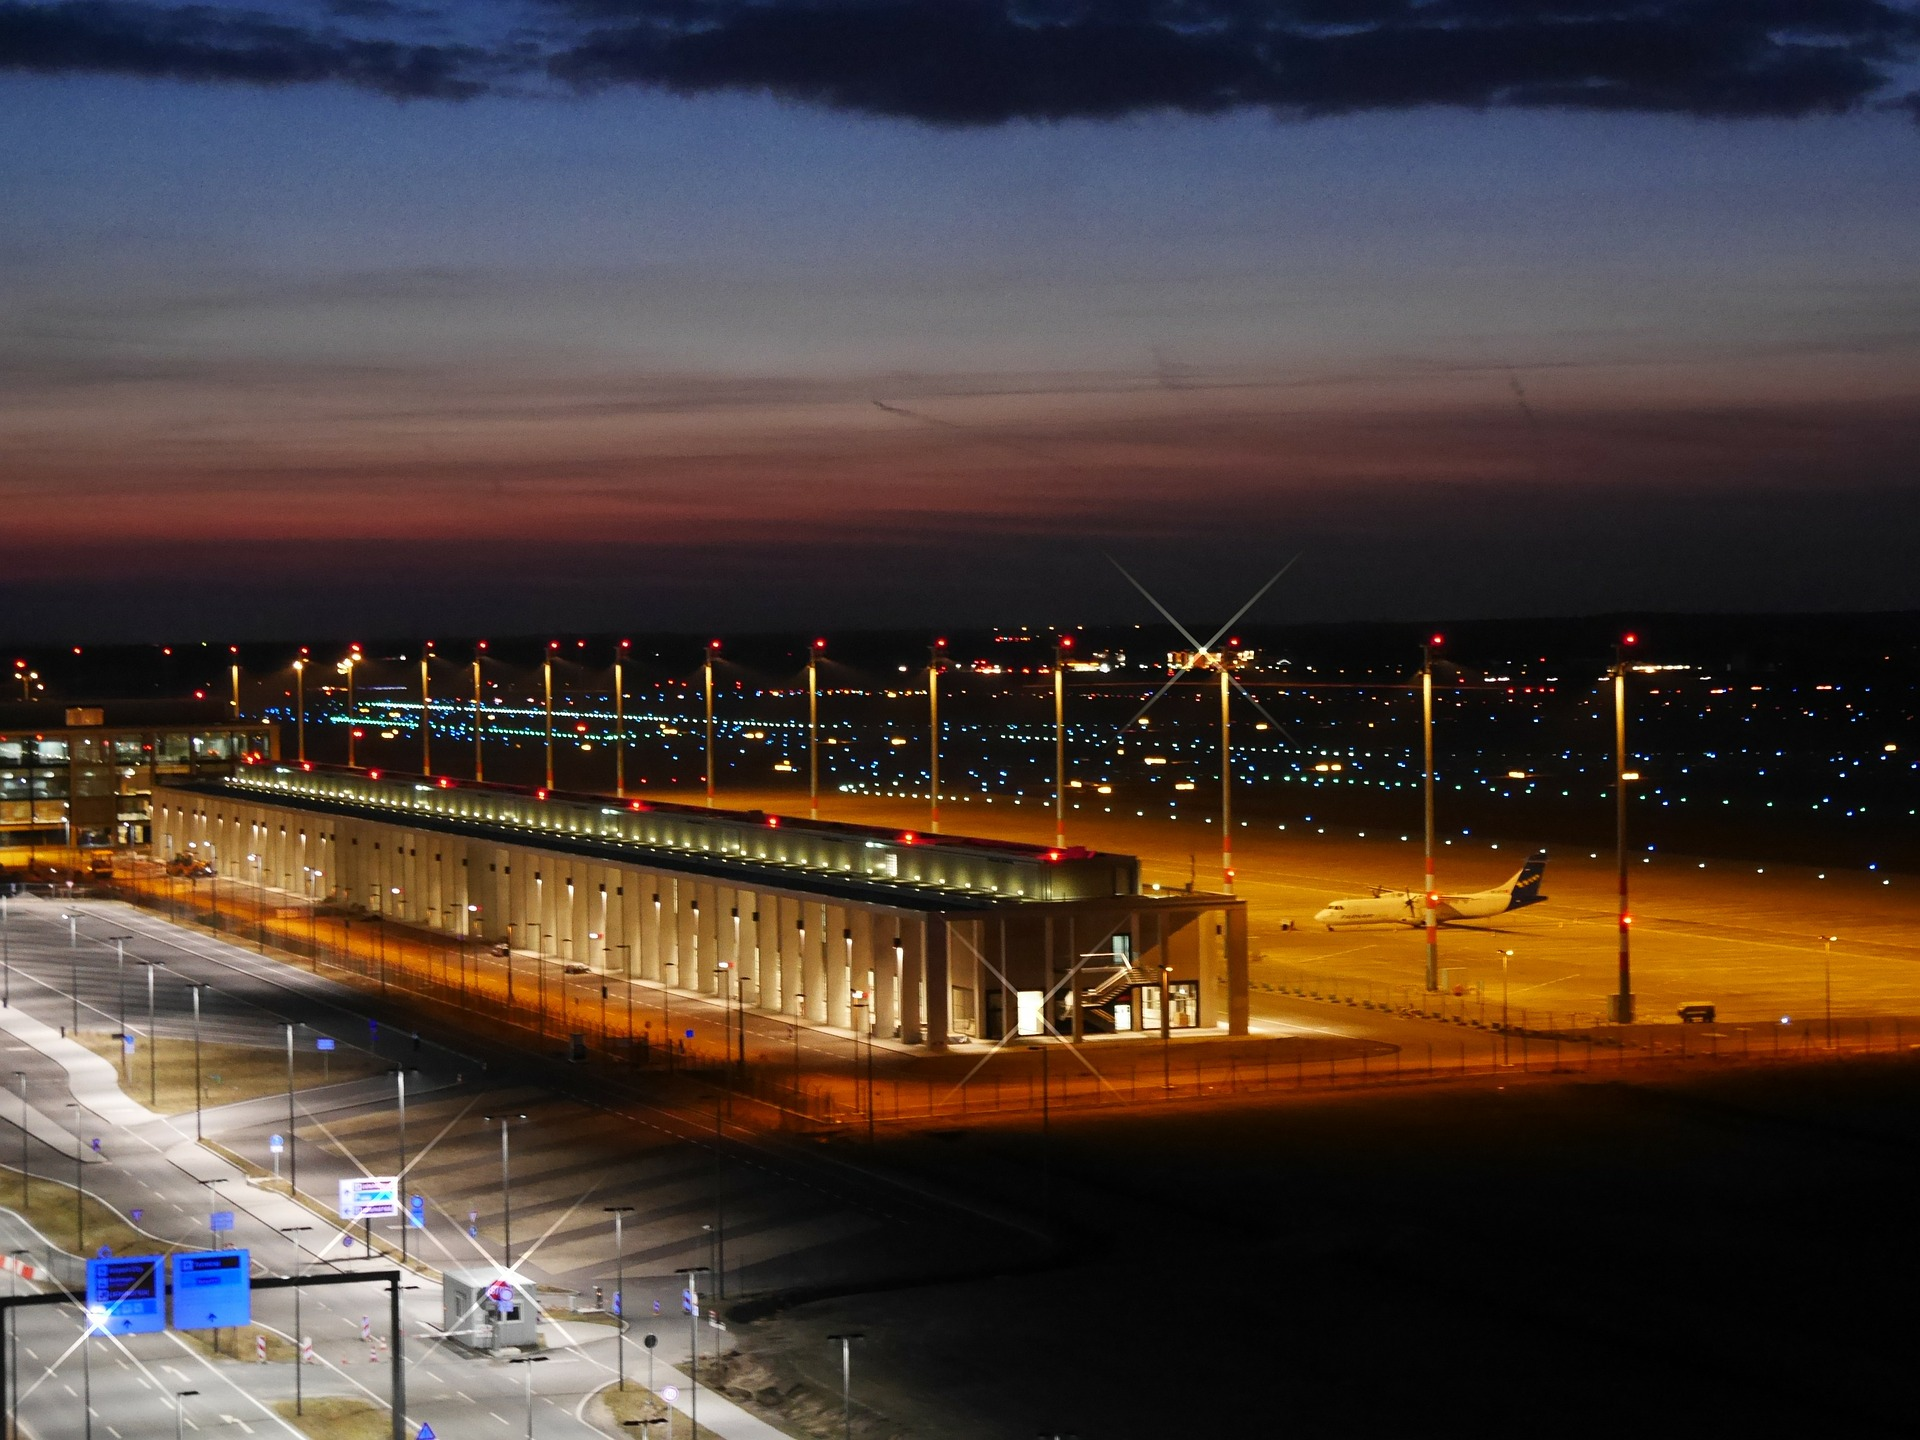 Aerodrom Berlin - Red letenja | Abago